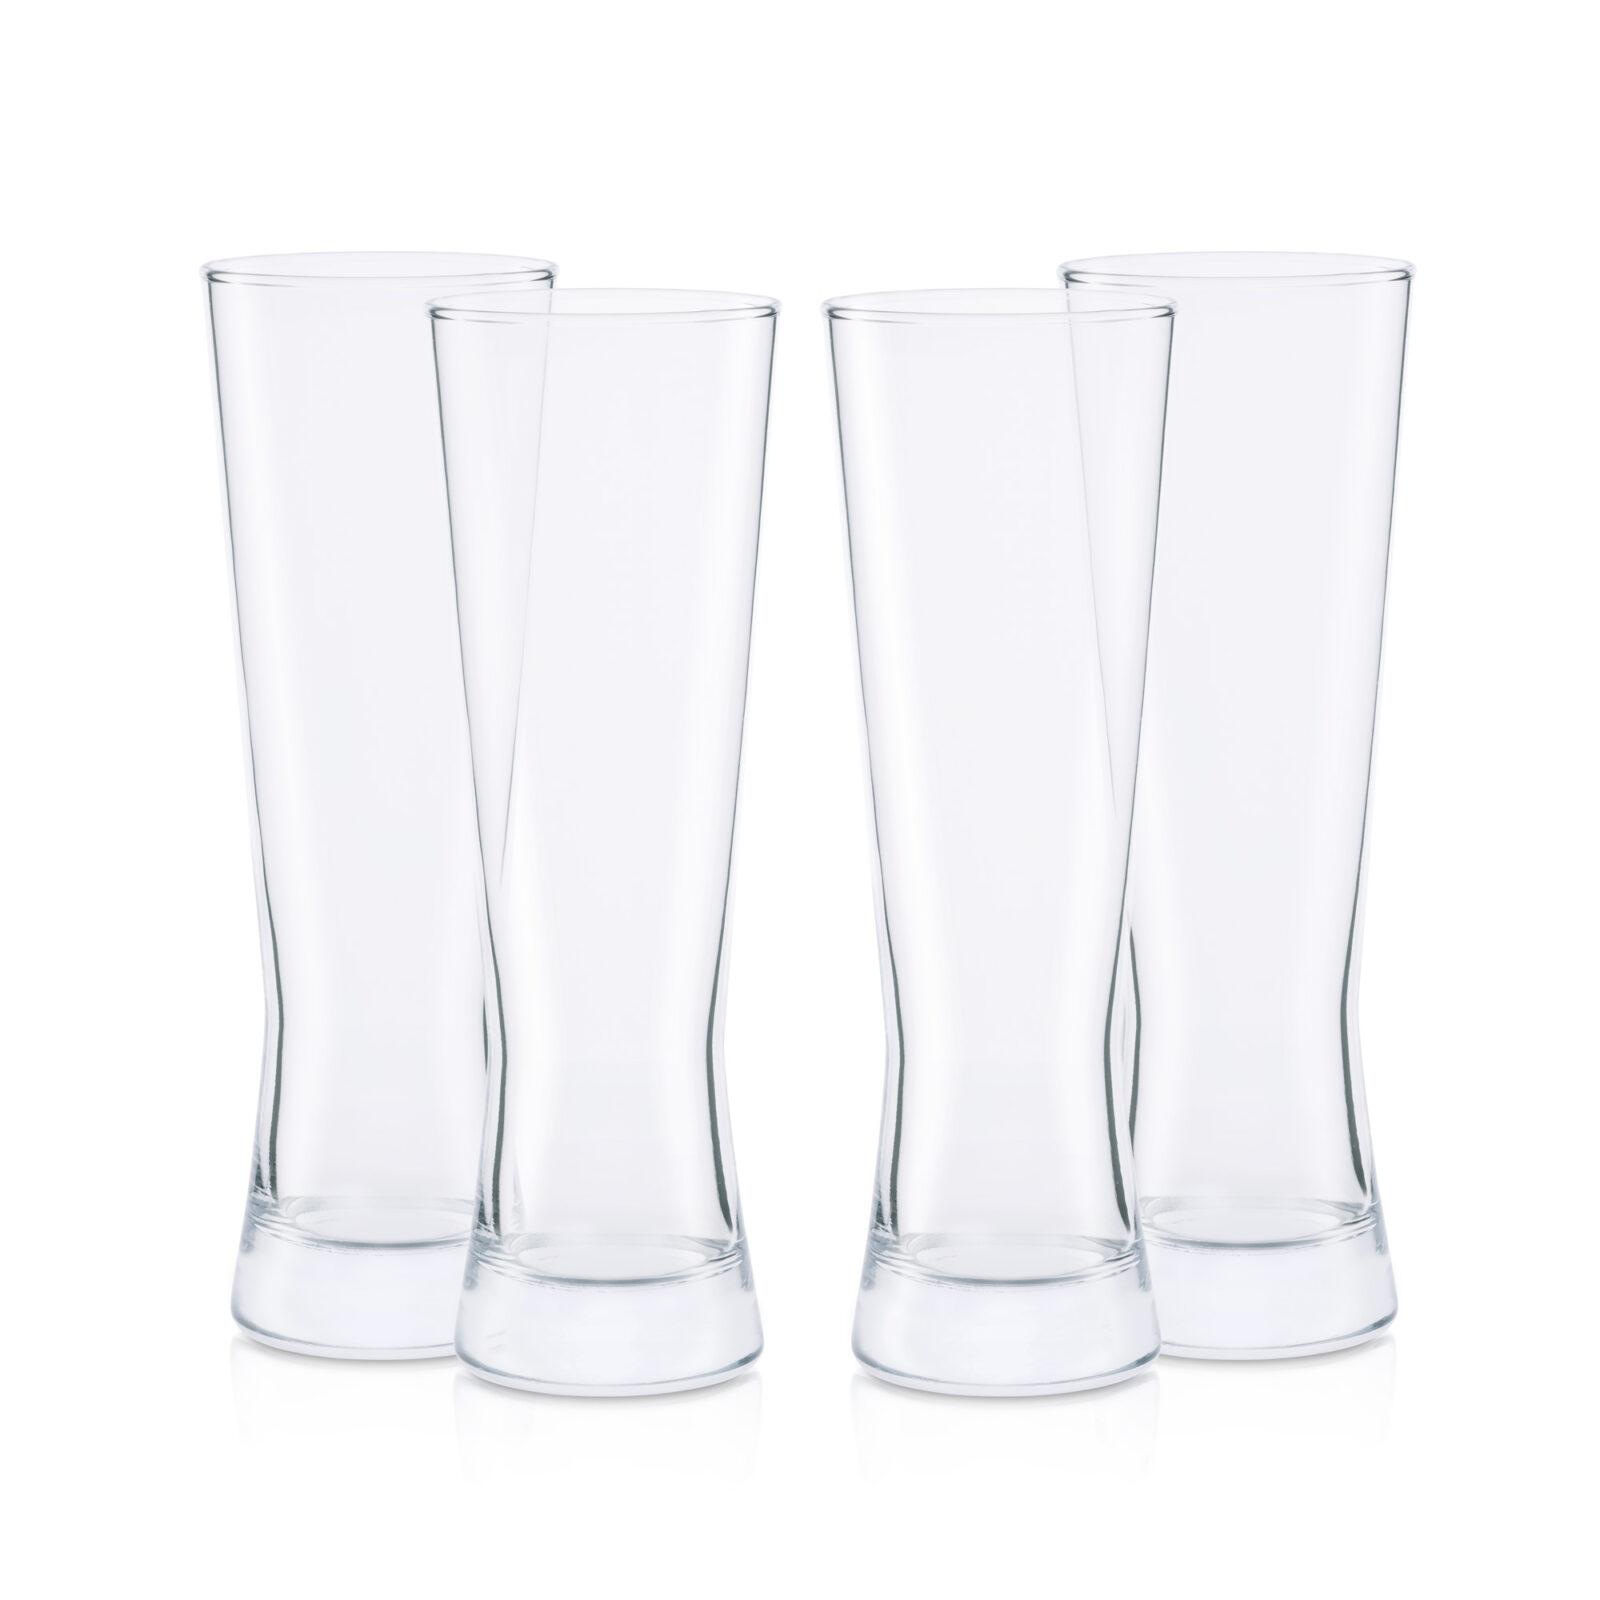 Szklanka do piwa wysoka Kufel -4 szt.